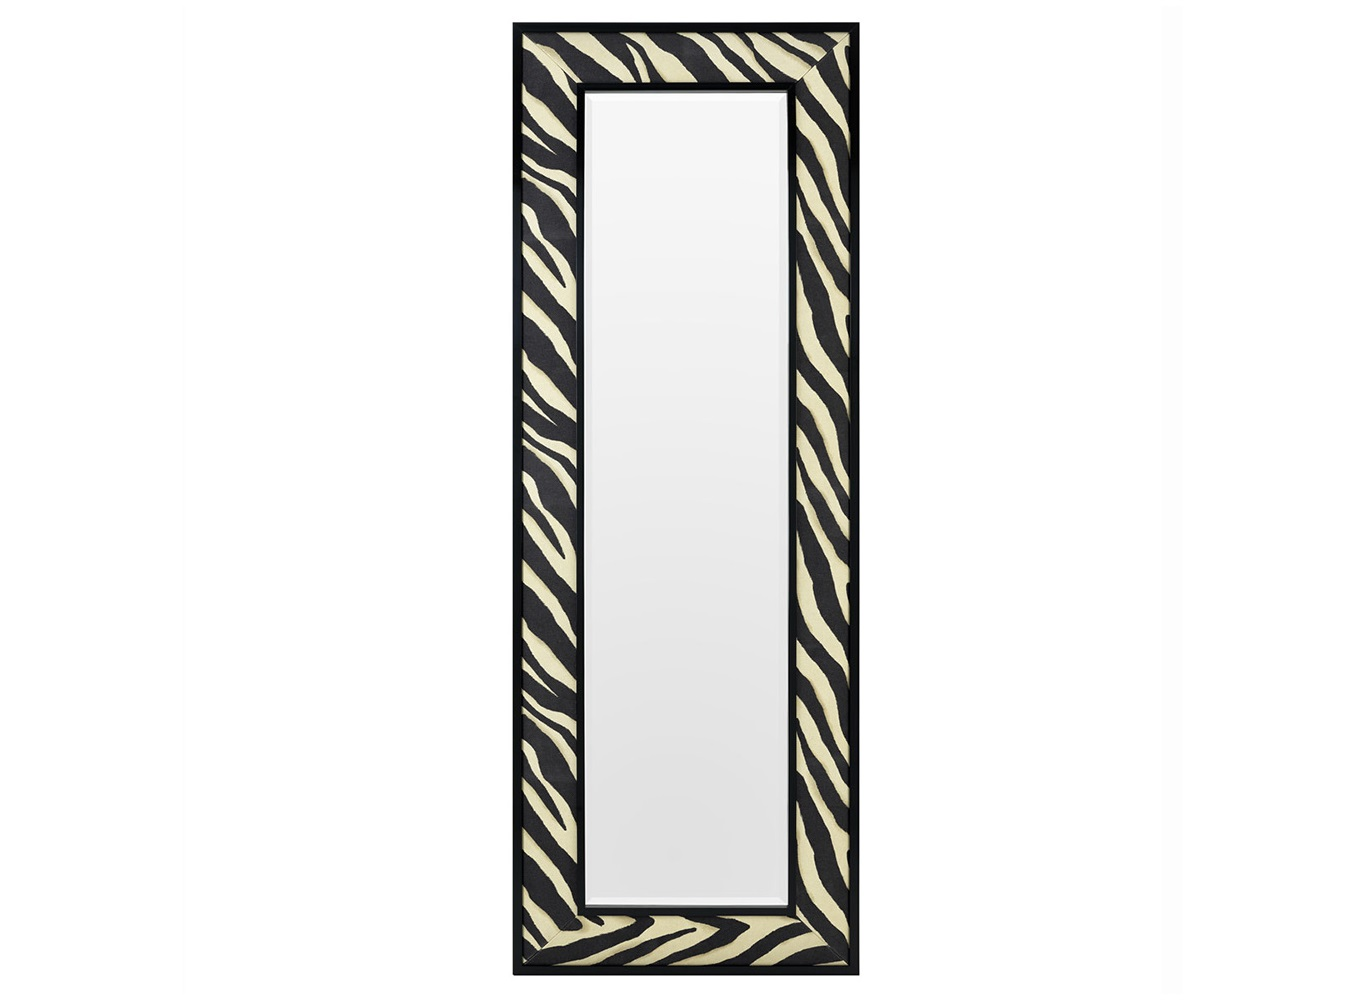 ЗеркалоНастенные зеркала<br>Зеркало Mirror Zebra в металлической раме с тканевой отделкой. Ткань с черно-белым принтом &amp;amp;quot;под зебру&amp;amp;quot;.<br><br>Material: Текстиль<br>Ширина см: 80.0<br>Высота см: 220.0